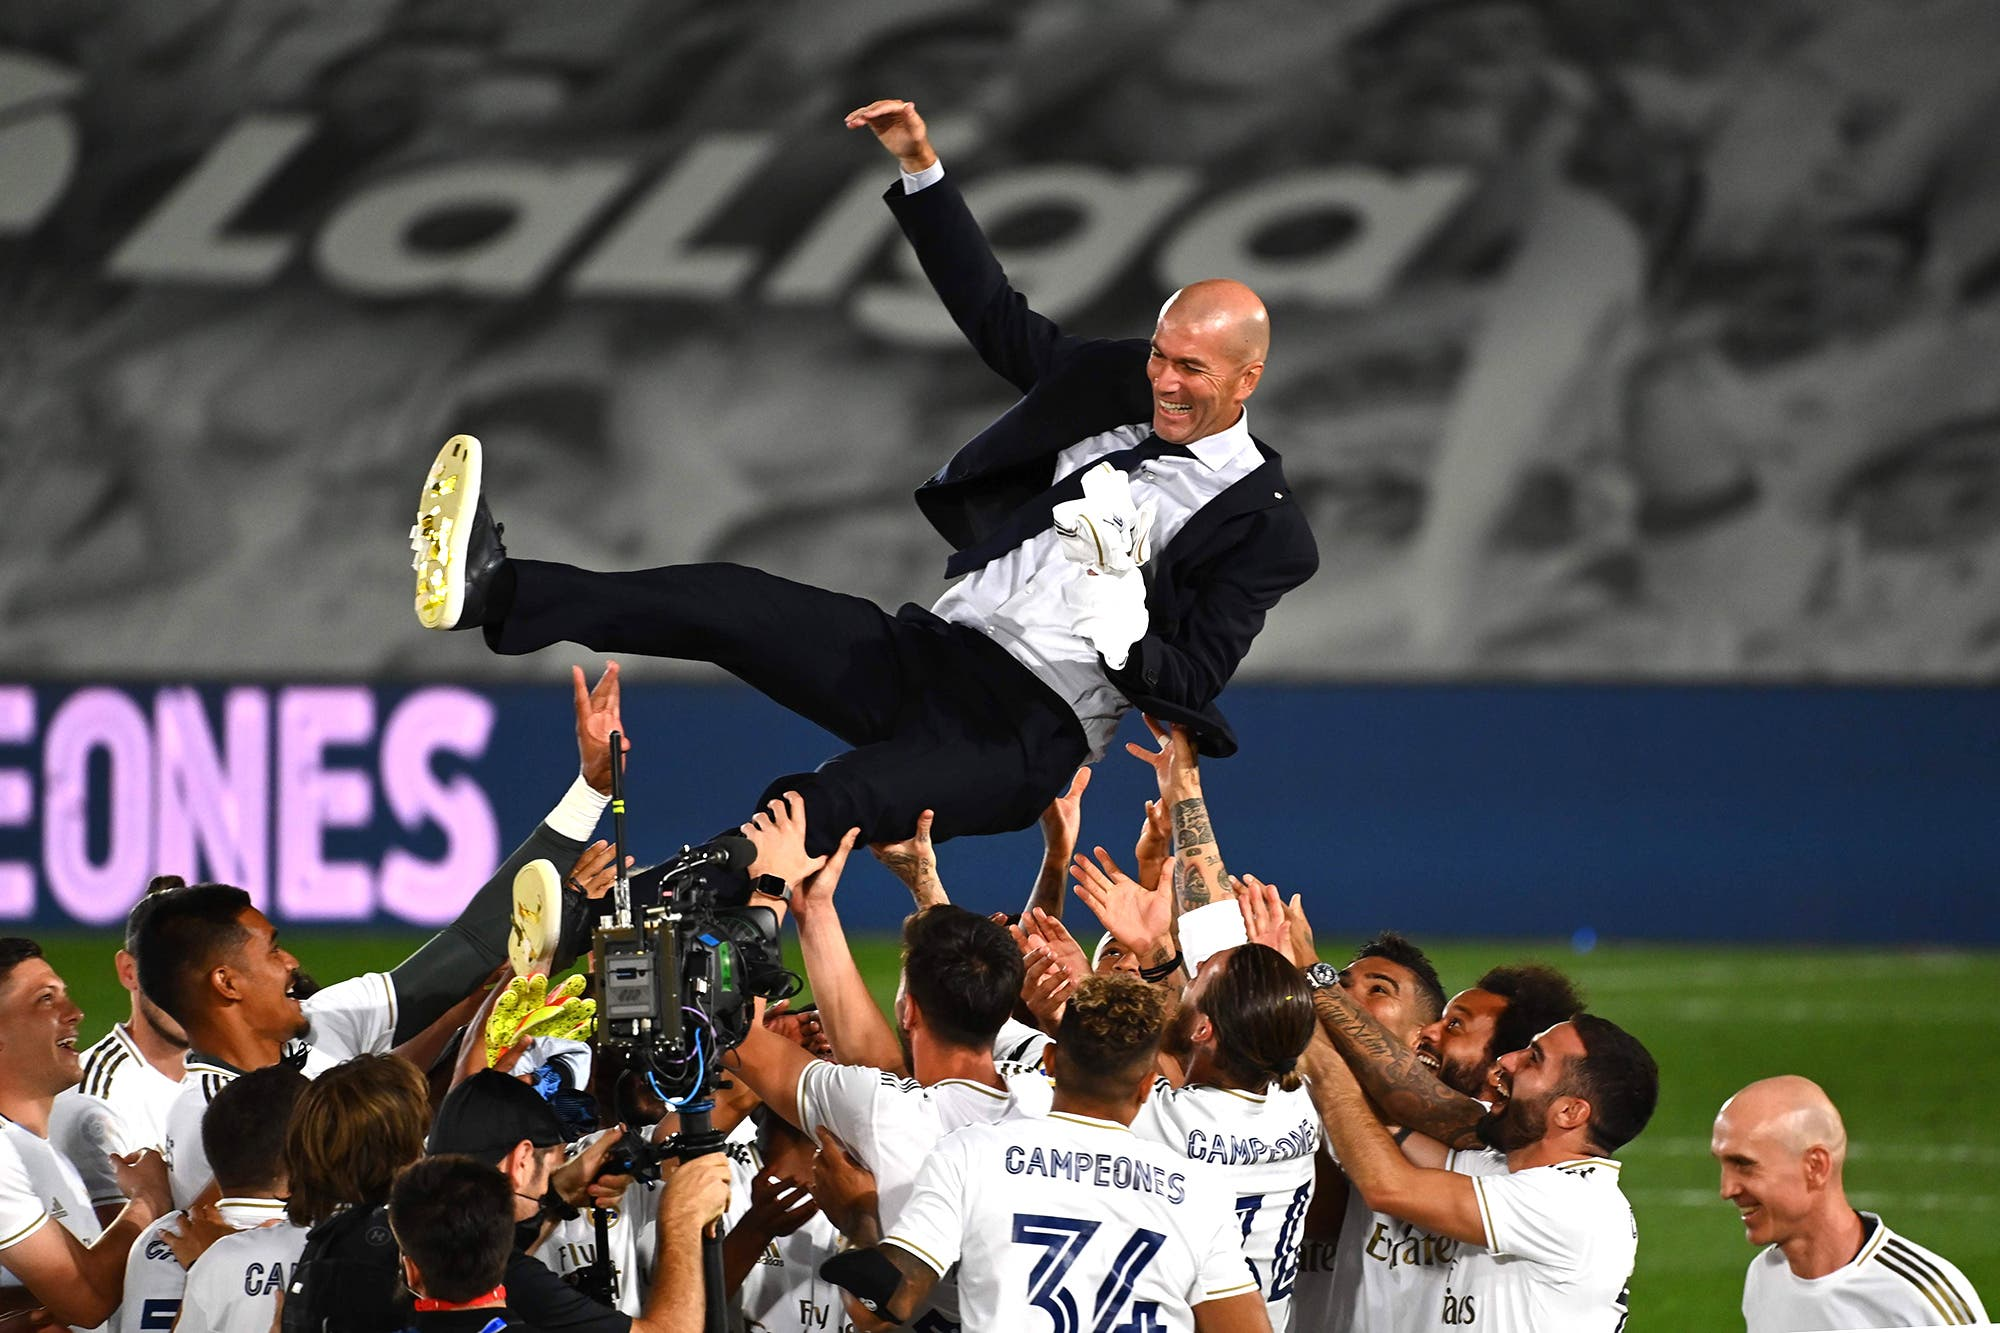 Real Madrid campeón: derrotó a Villarreal con dos goles de Karim Benzema y se consagró en la Liga de España